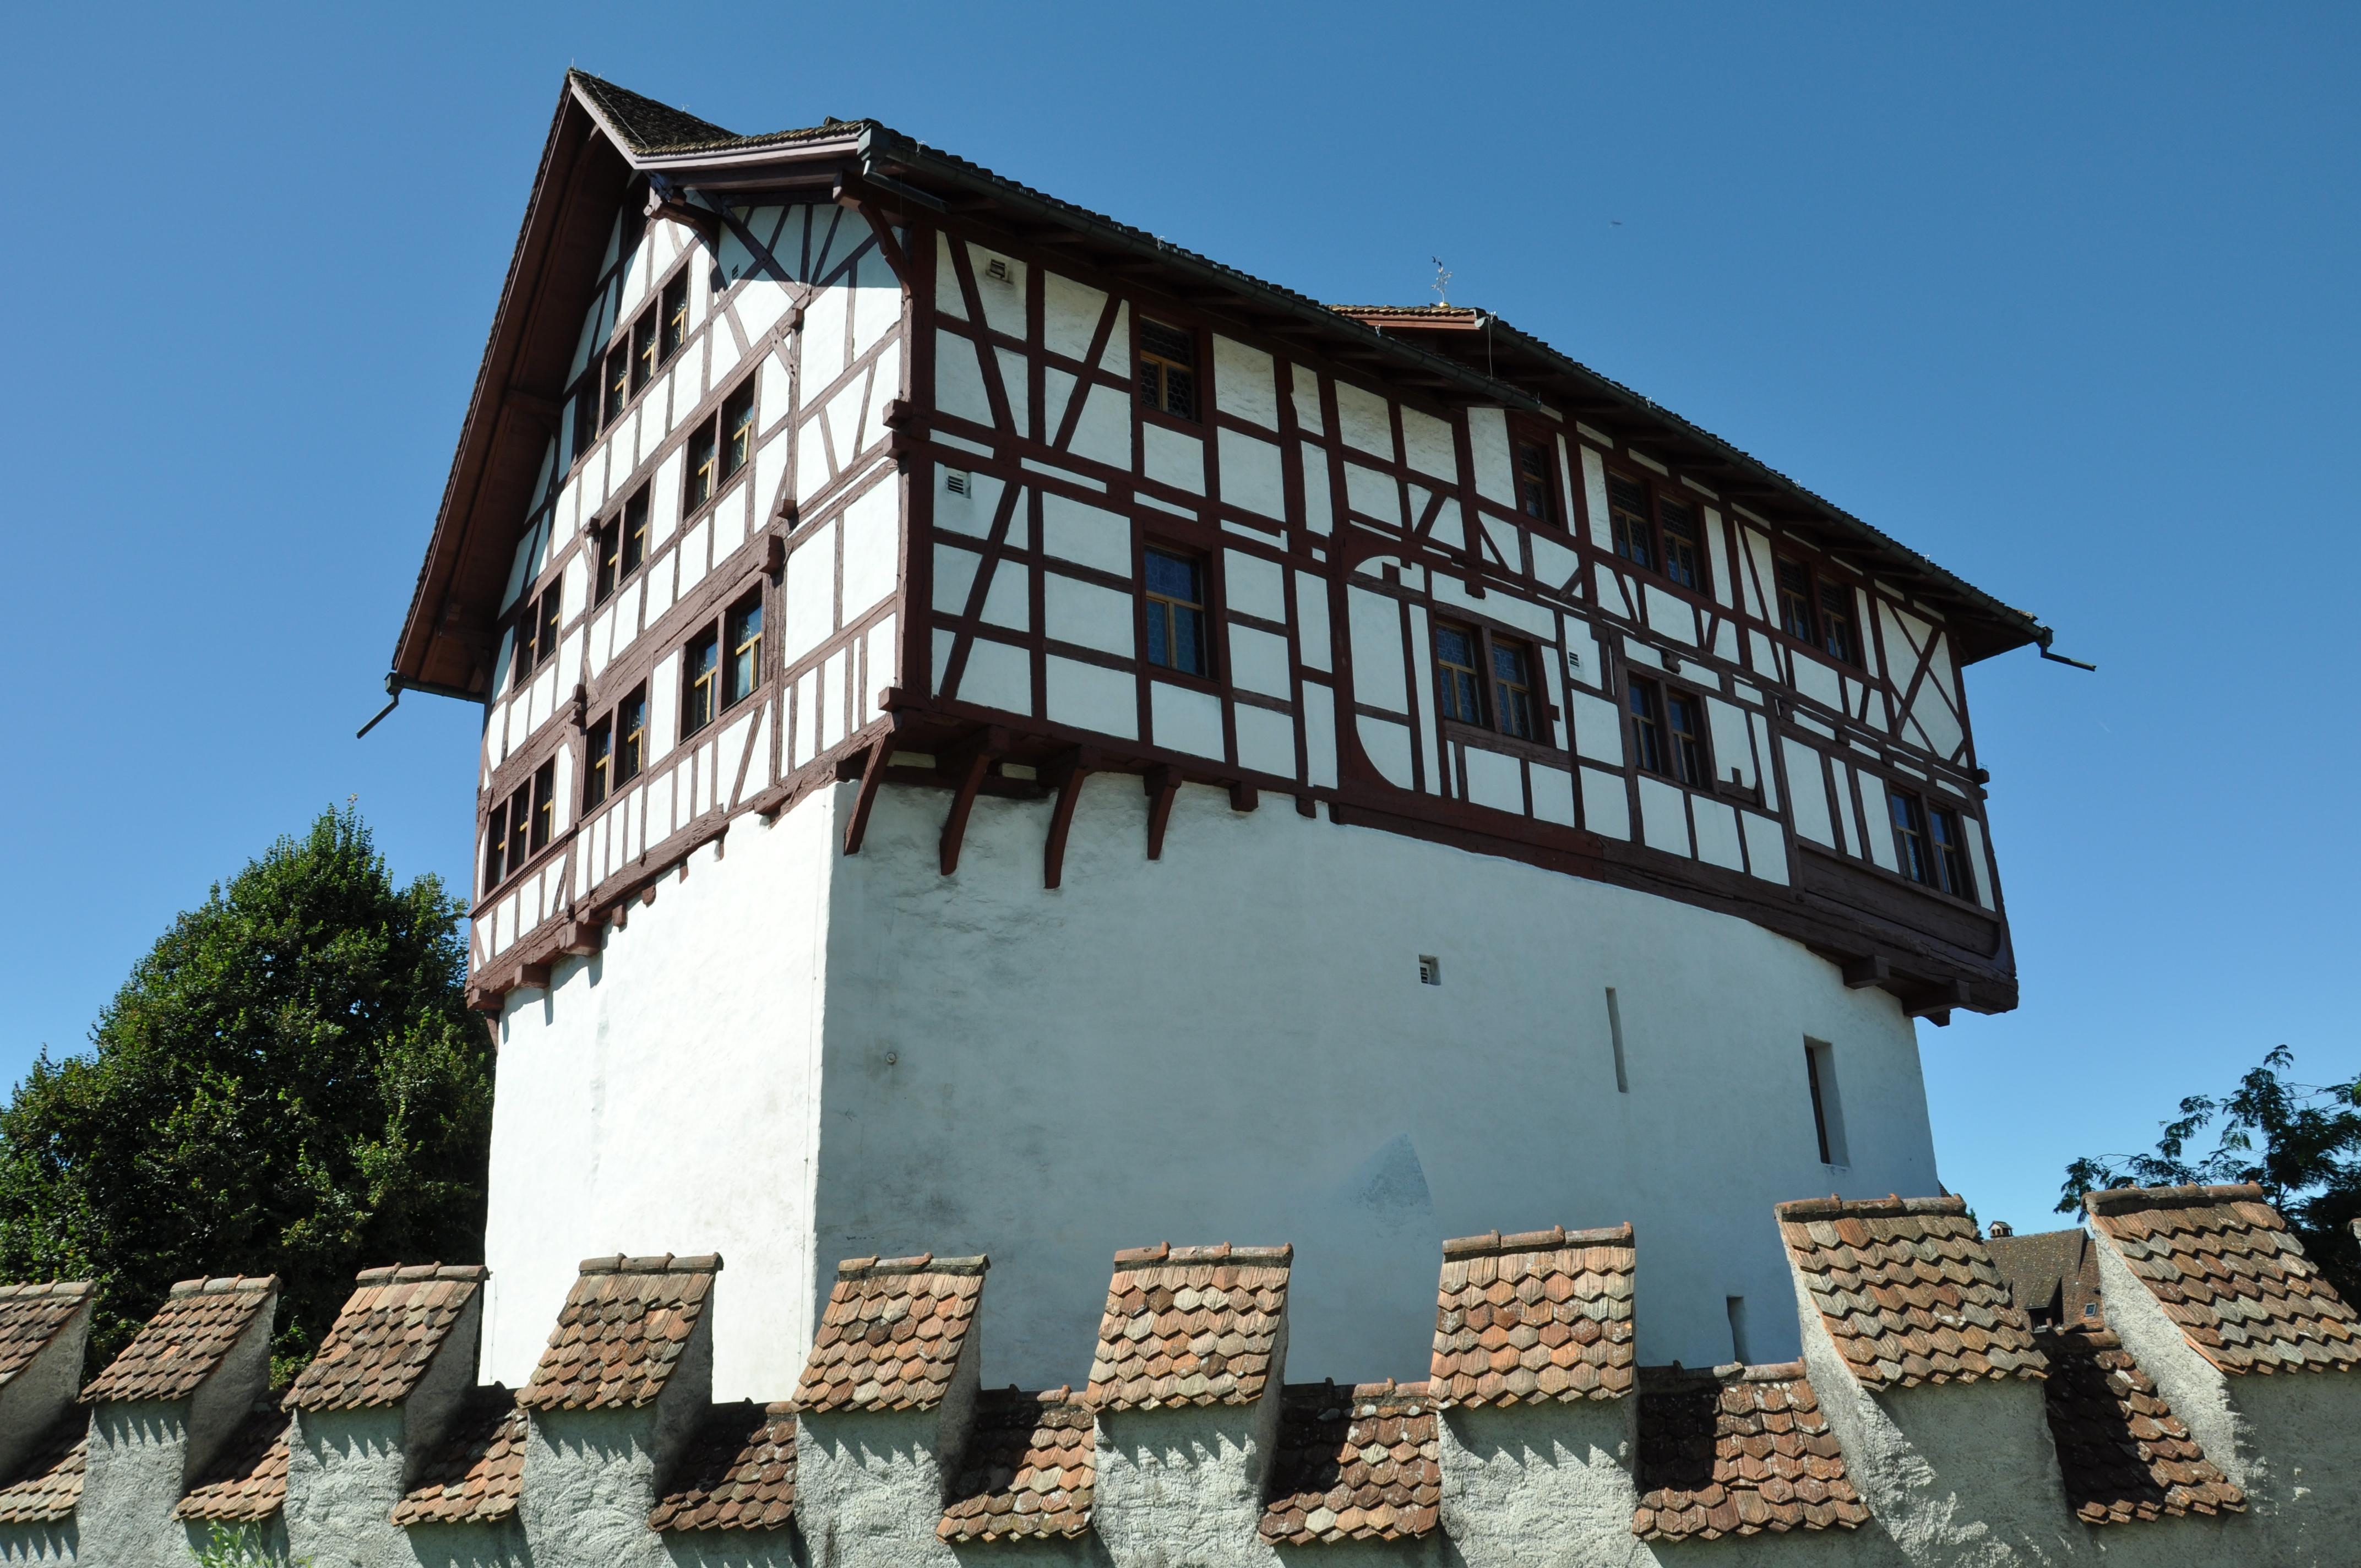 Fachwerkaufbau von 1550: Burg Zug in Zug, Schweiz